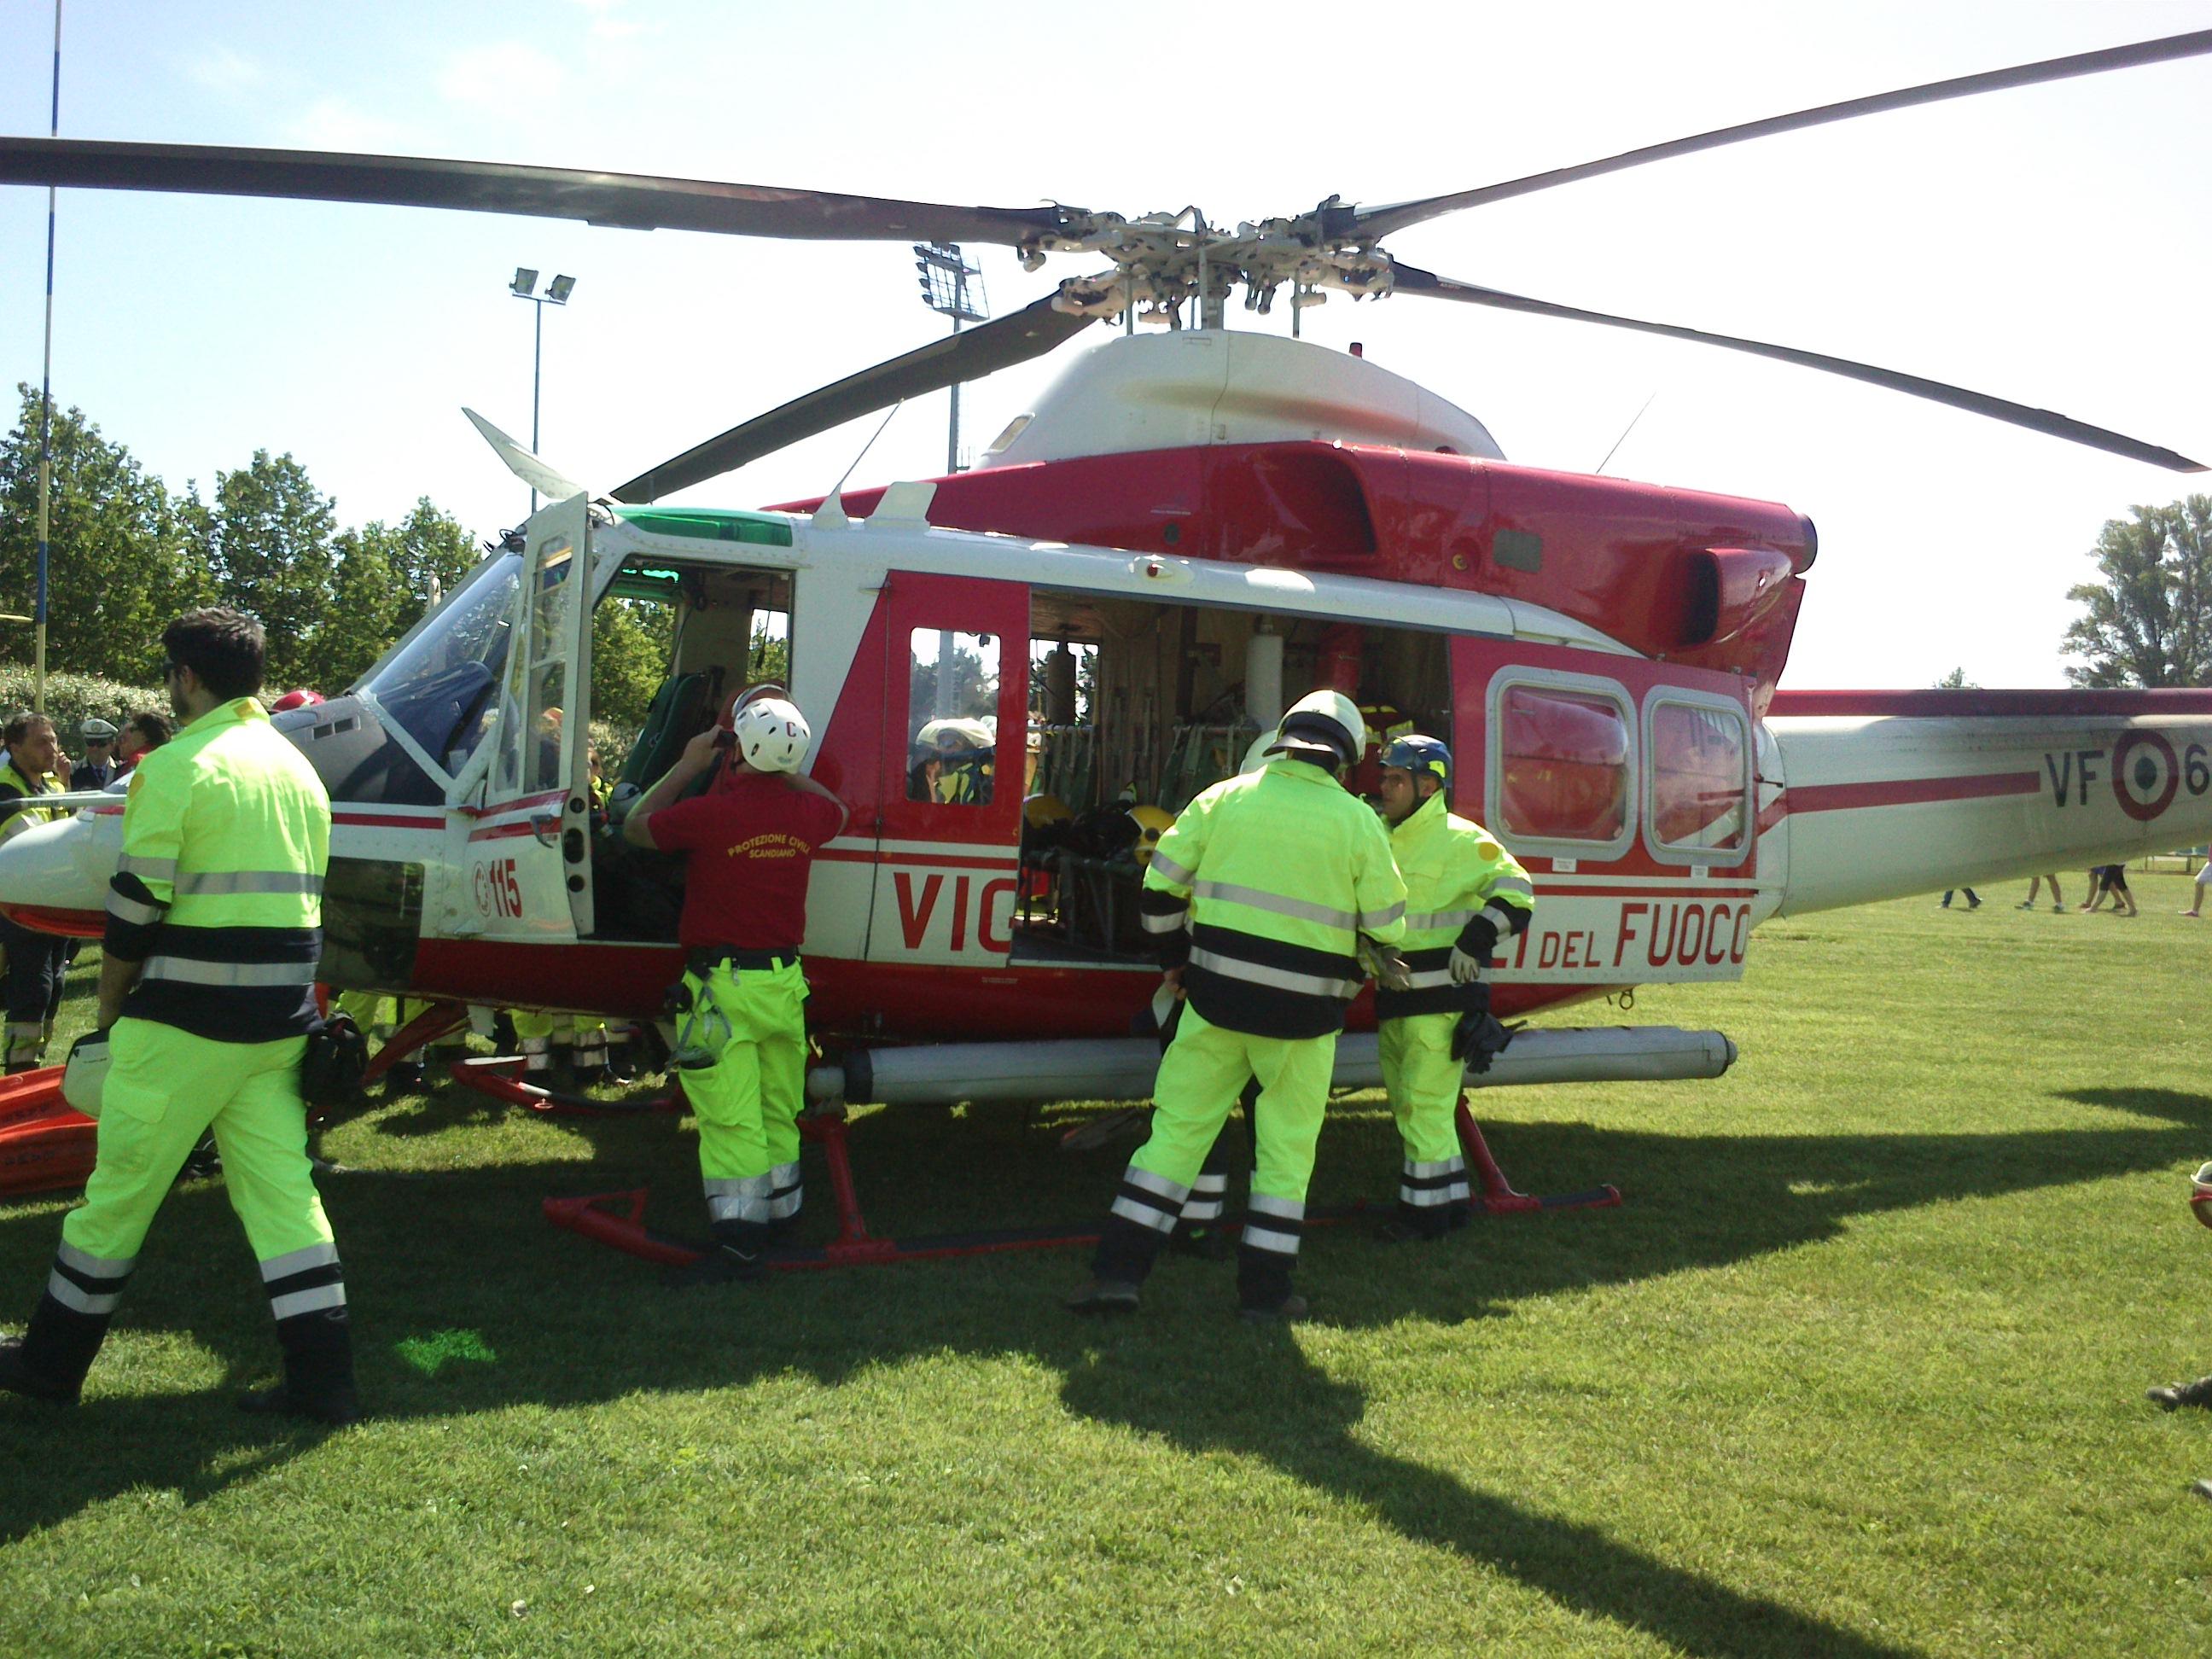 Elicottero Usato : Elicottero corpo guardie ecologiche parma